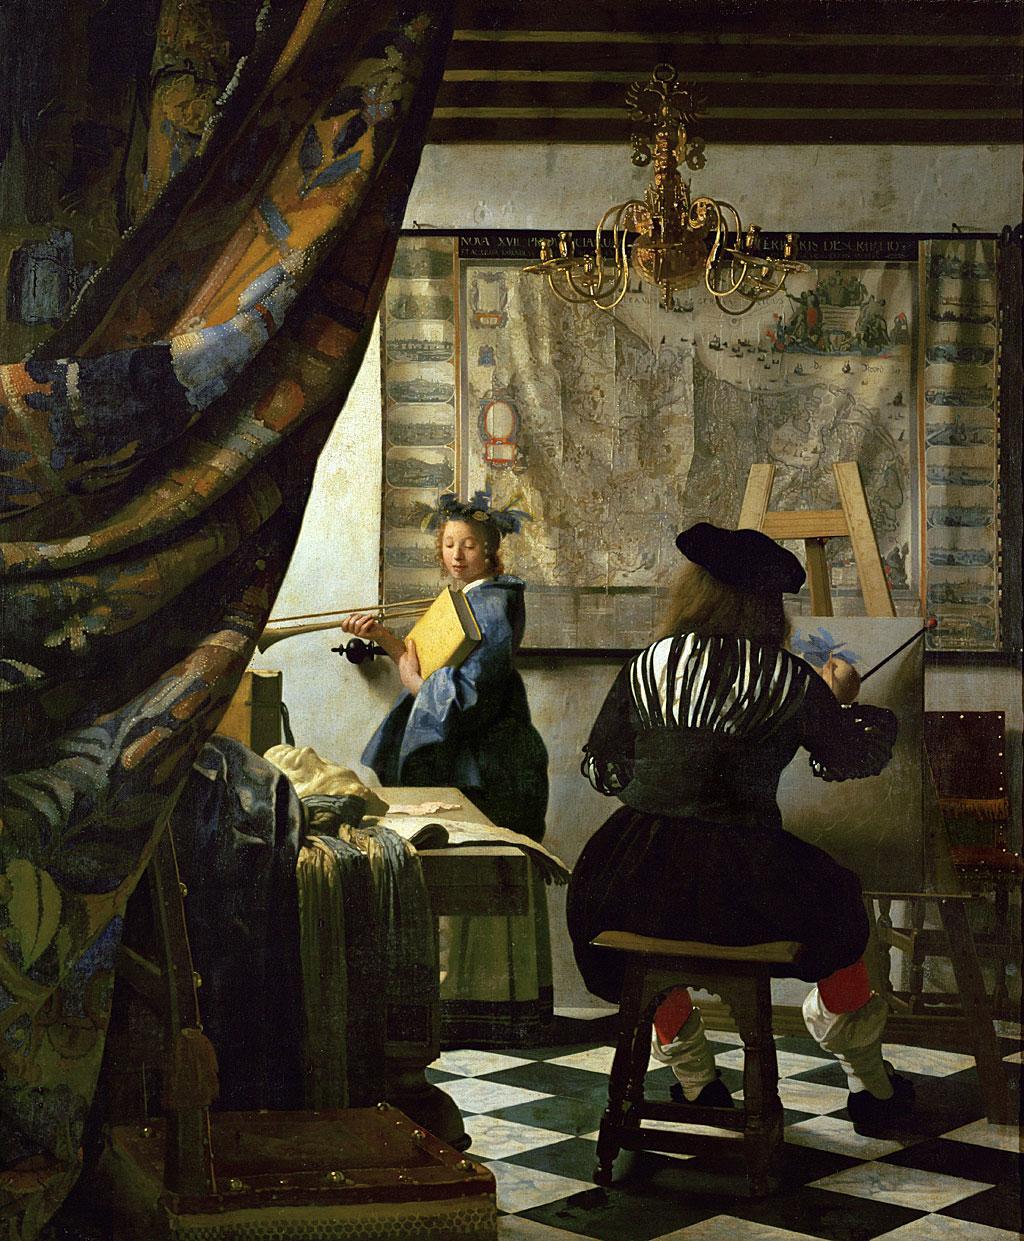 El arte de la pintura (Alegoría de la pintura)